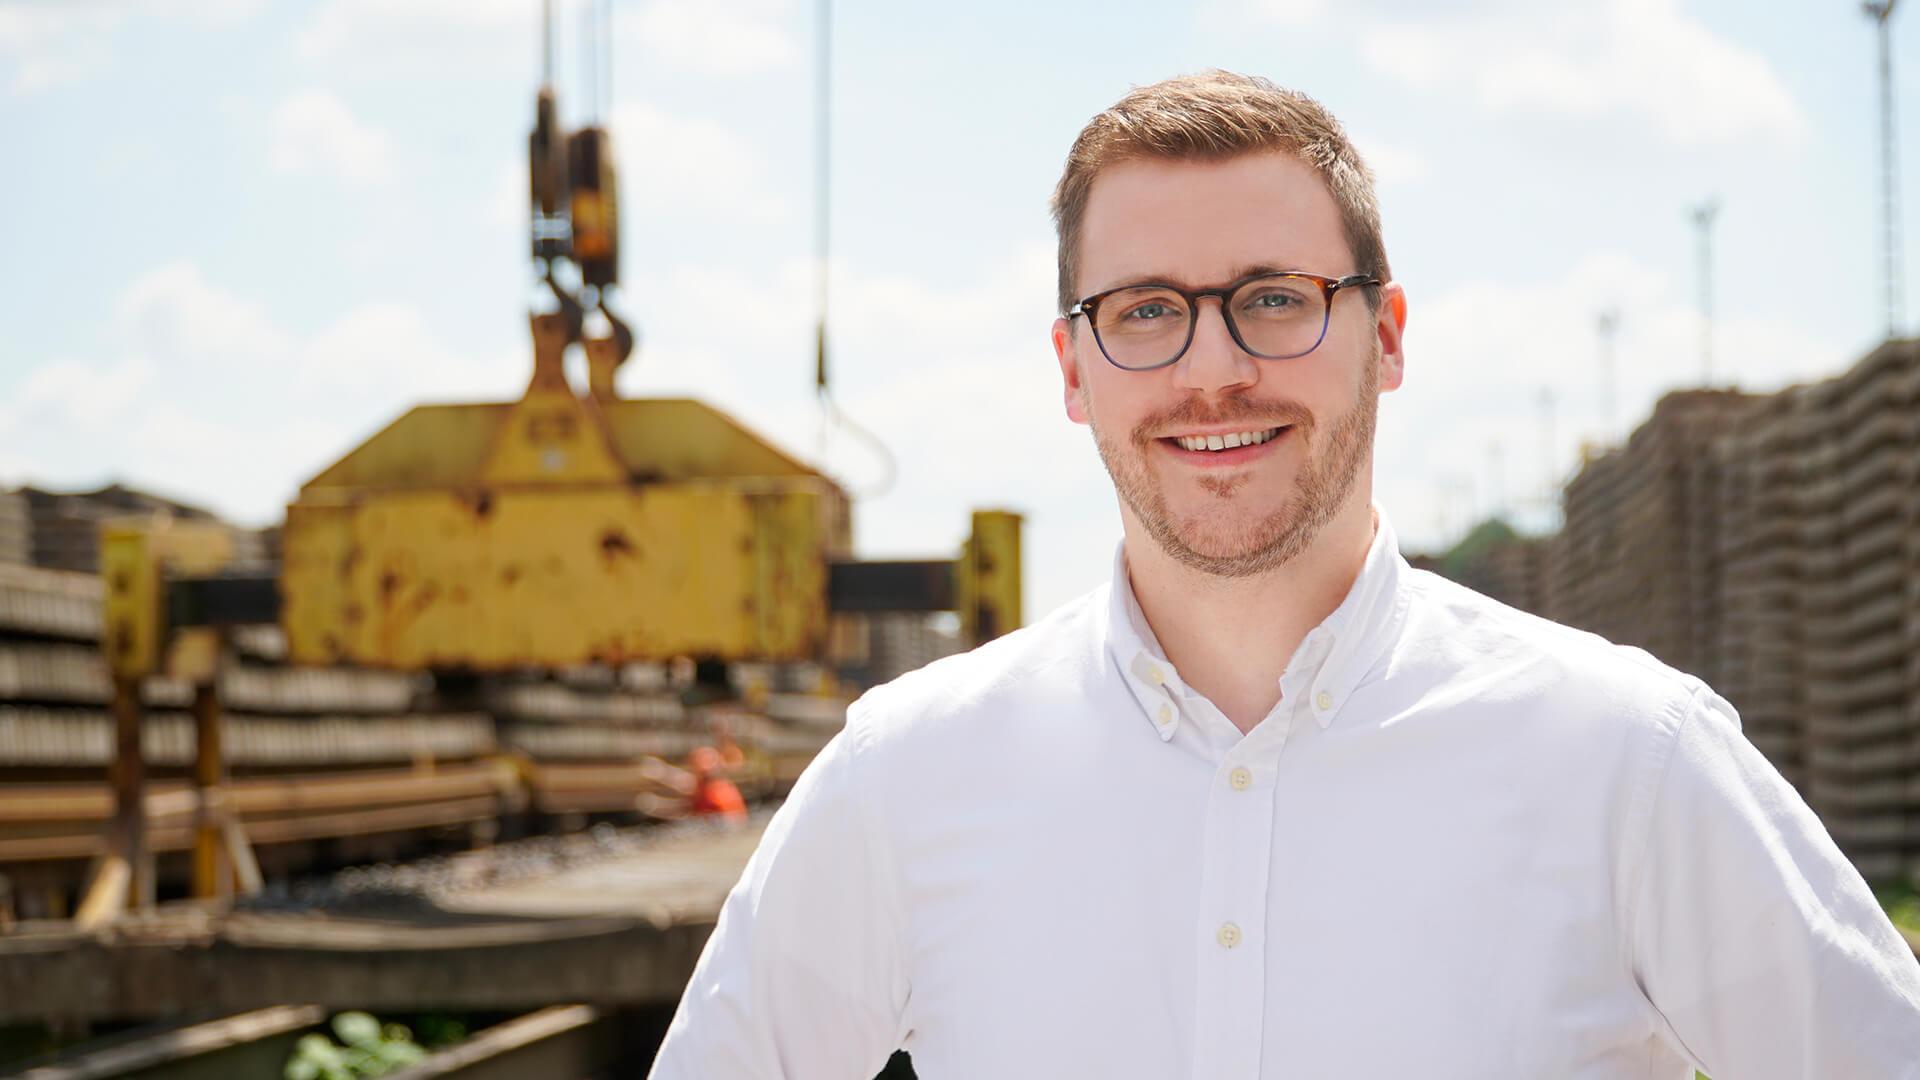 Marius Schultz von ZICO Gleisbauprodukte